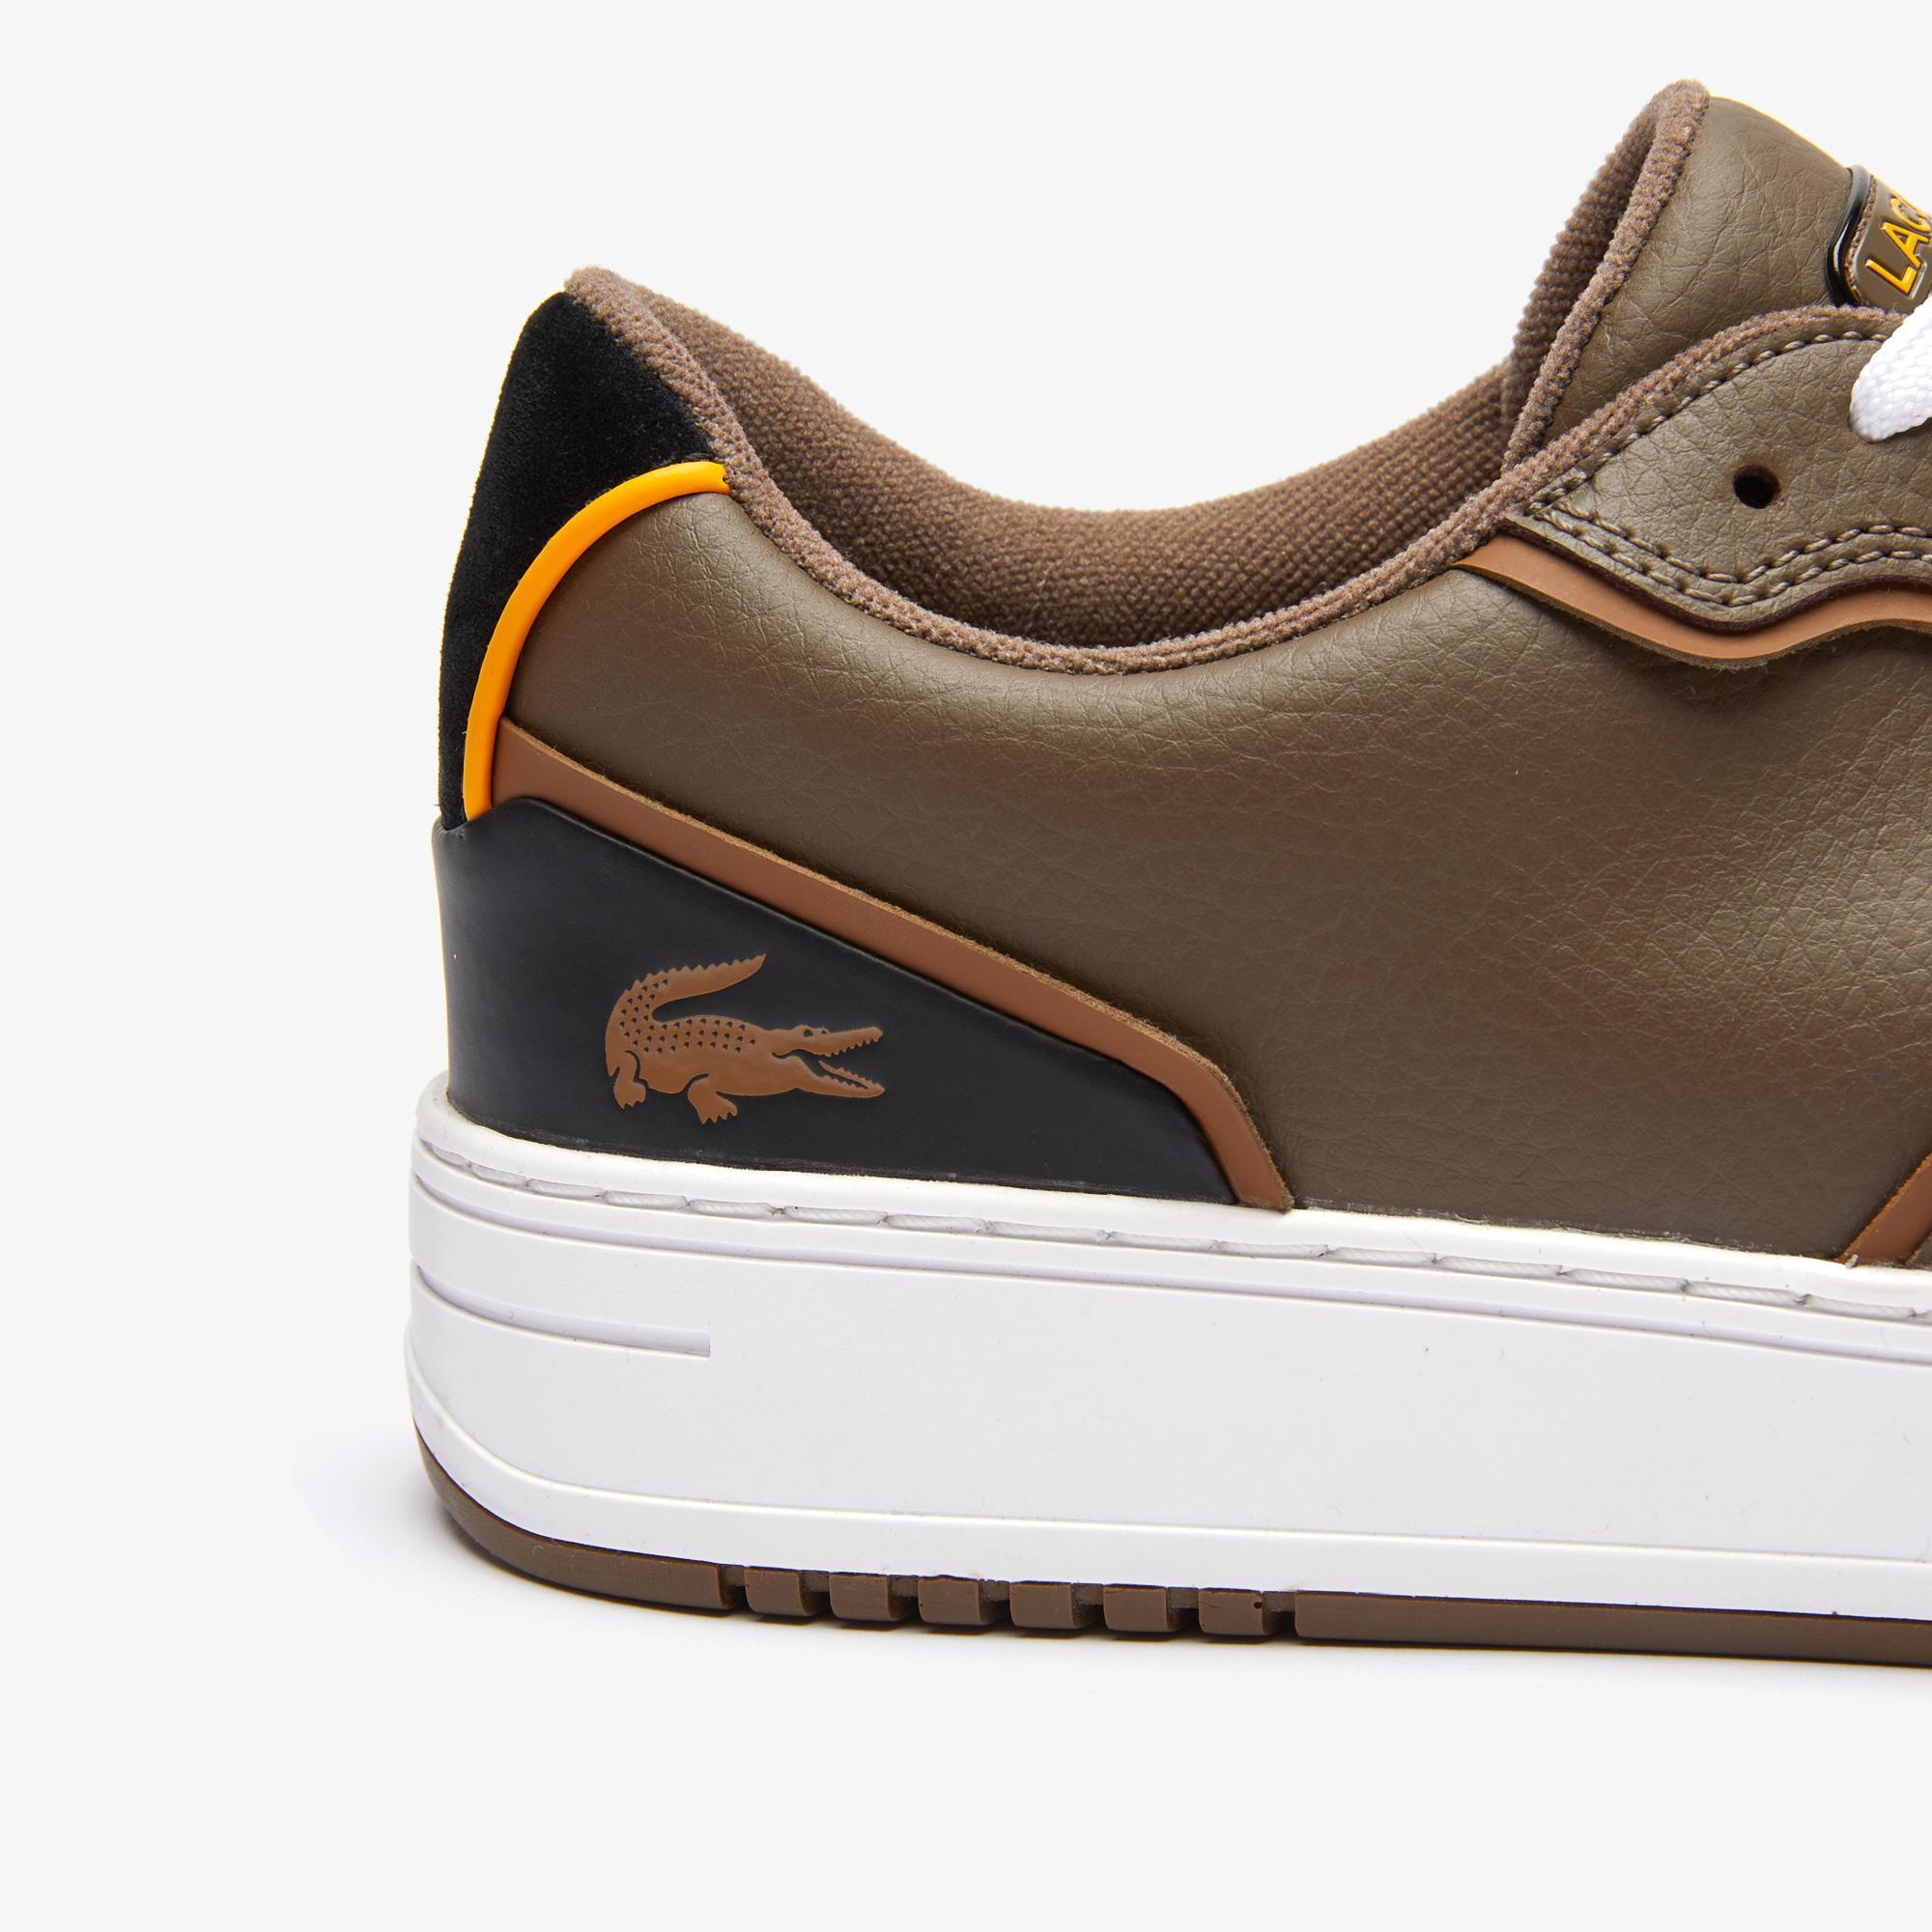 Lacoste L001 0321 1 Sma Erkek Deri Kahverengi - Siyah Sneaker